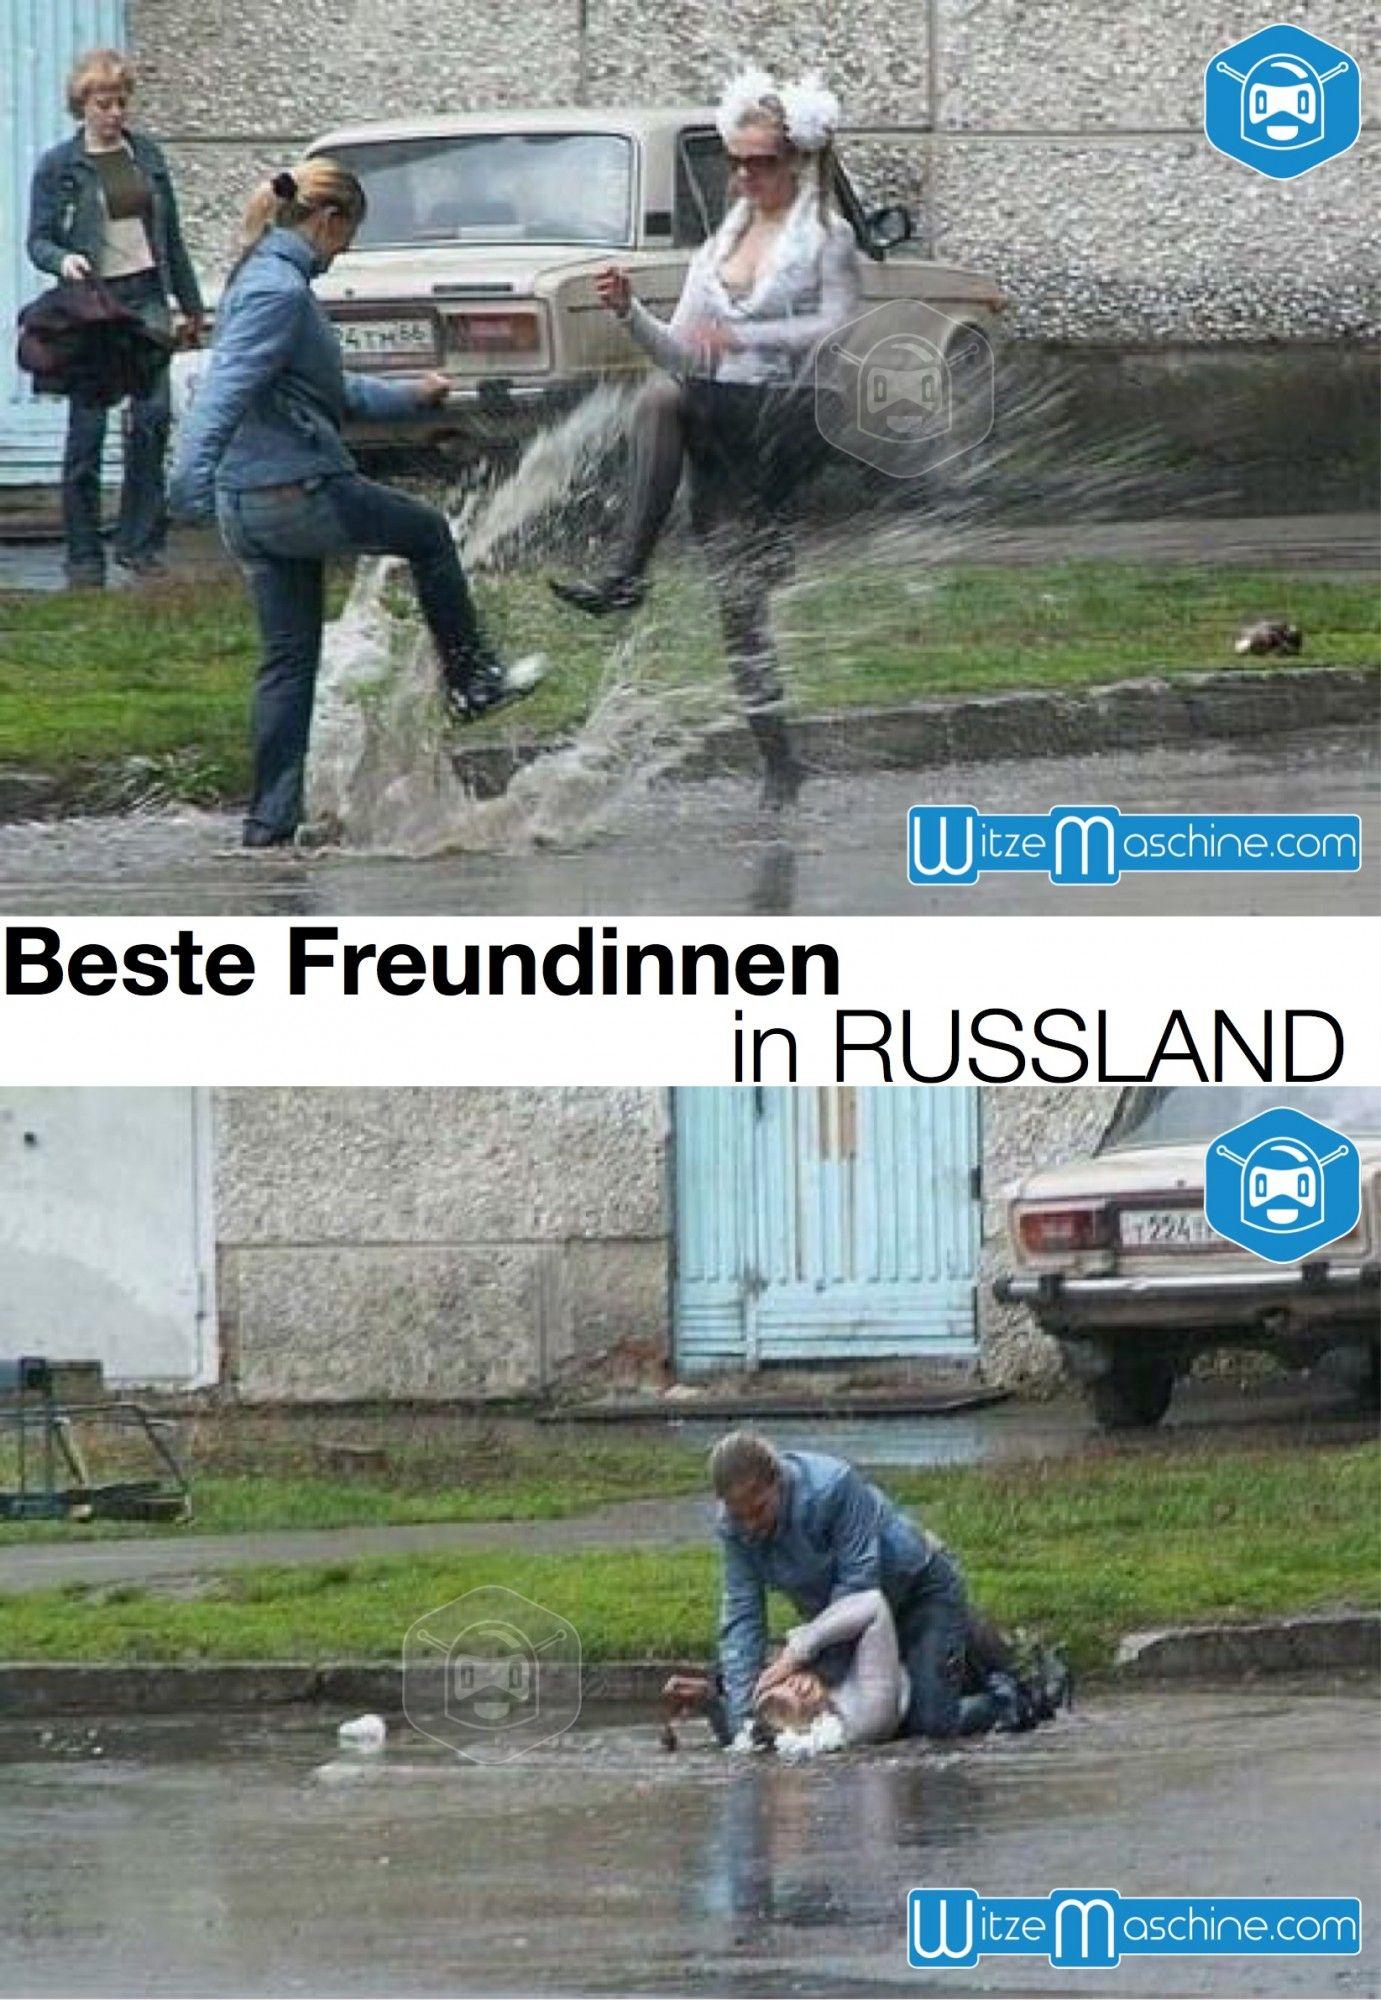 Beste Freundinnen in Russland - BFF Schlägerei - Funny